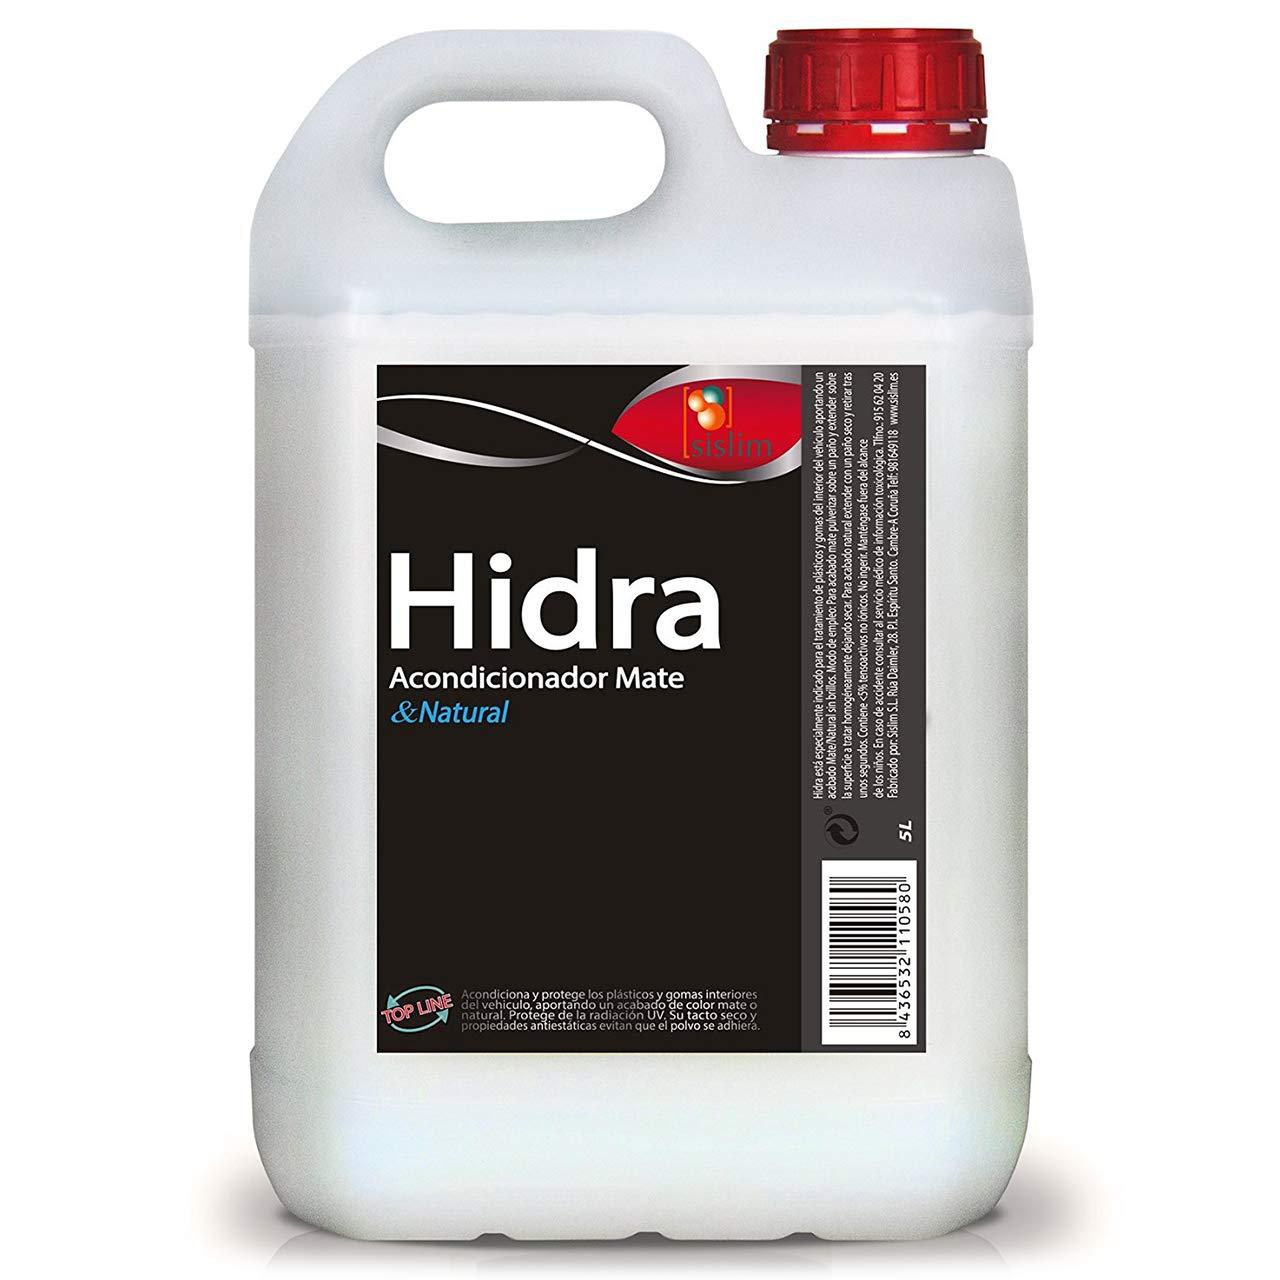 Sisbrill Hidra - Acondicionador de Salpicaderos, Piel y Plásticos Interiores | Acabado Mate&Natural - Tacto seco | 5 litros: Amazon.es: Coche y moto